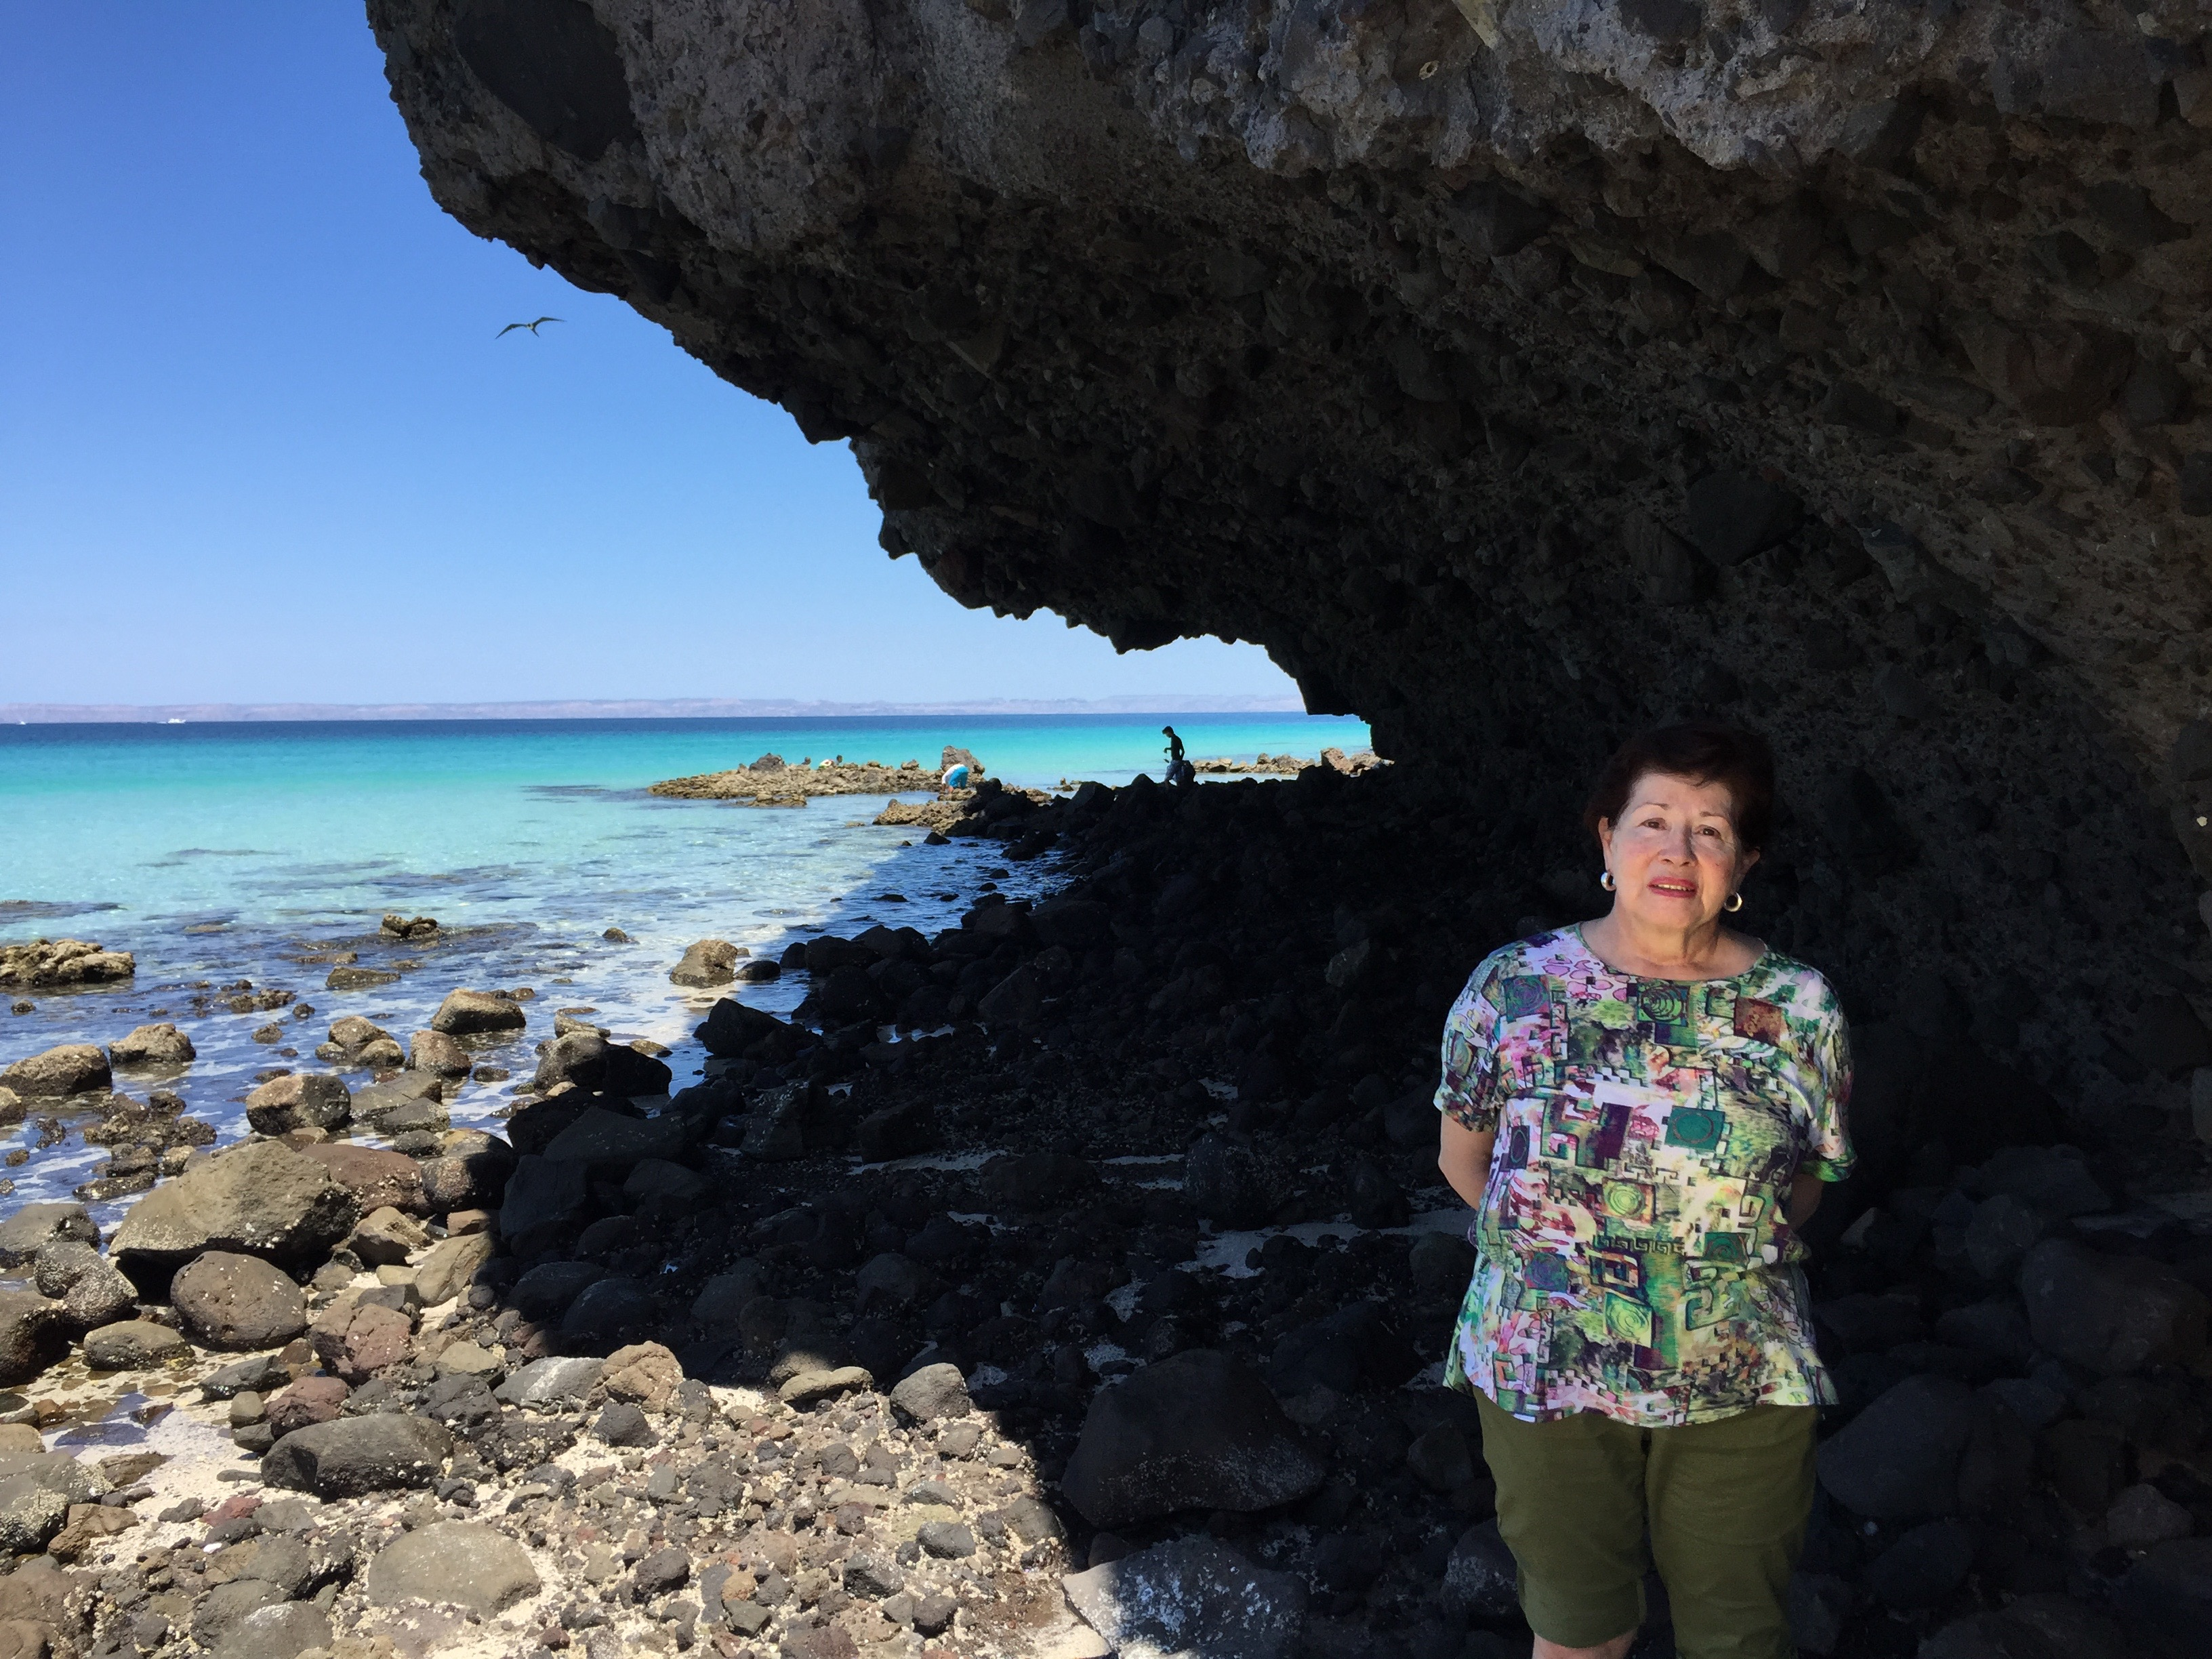 My mom at Balandra Beach, La Paz Mexico